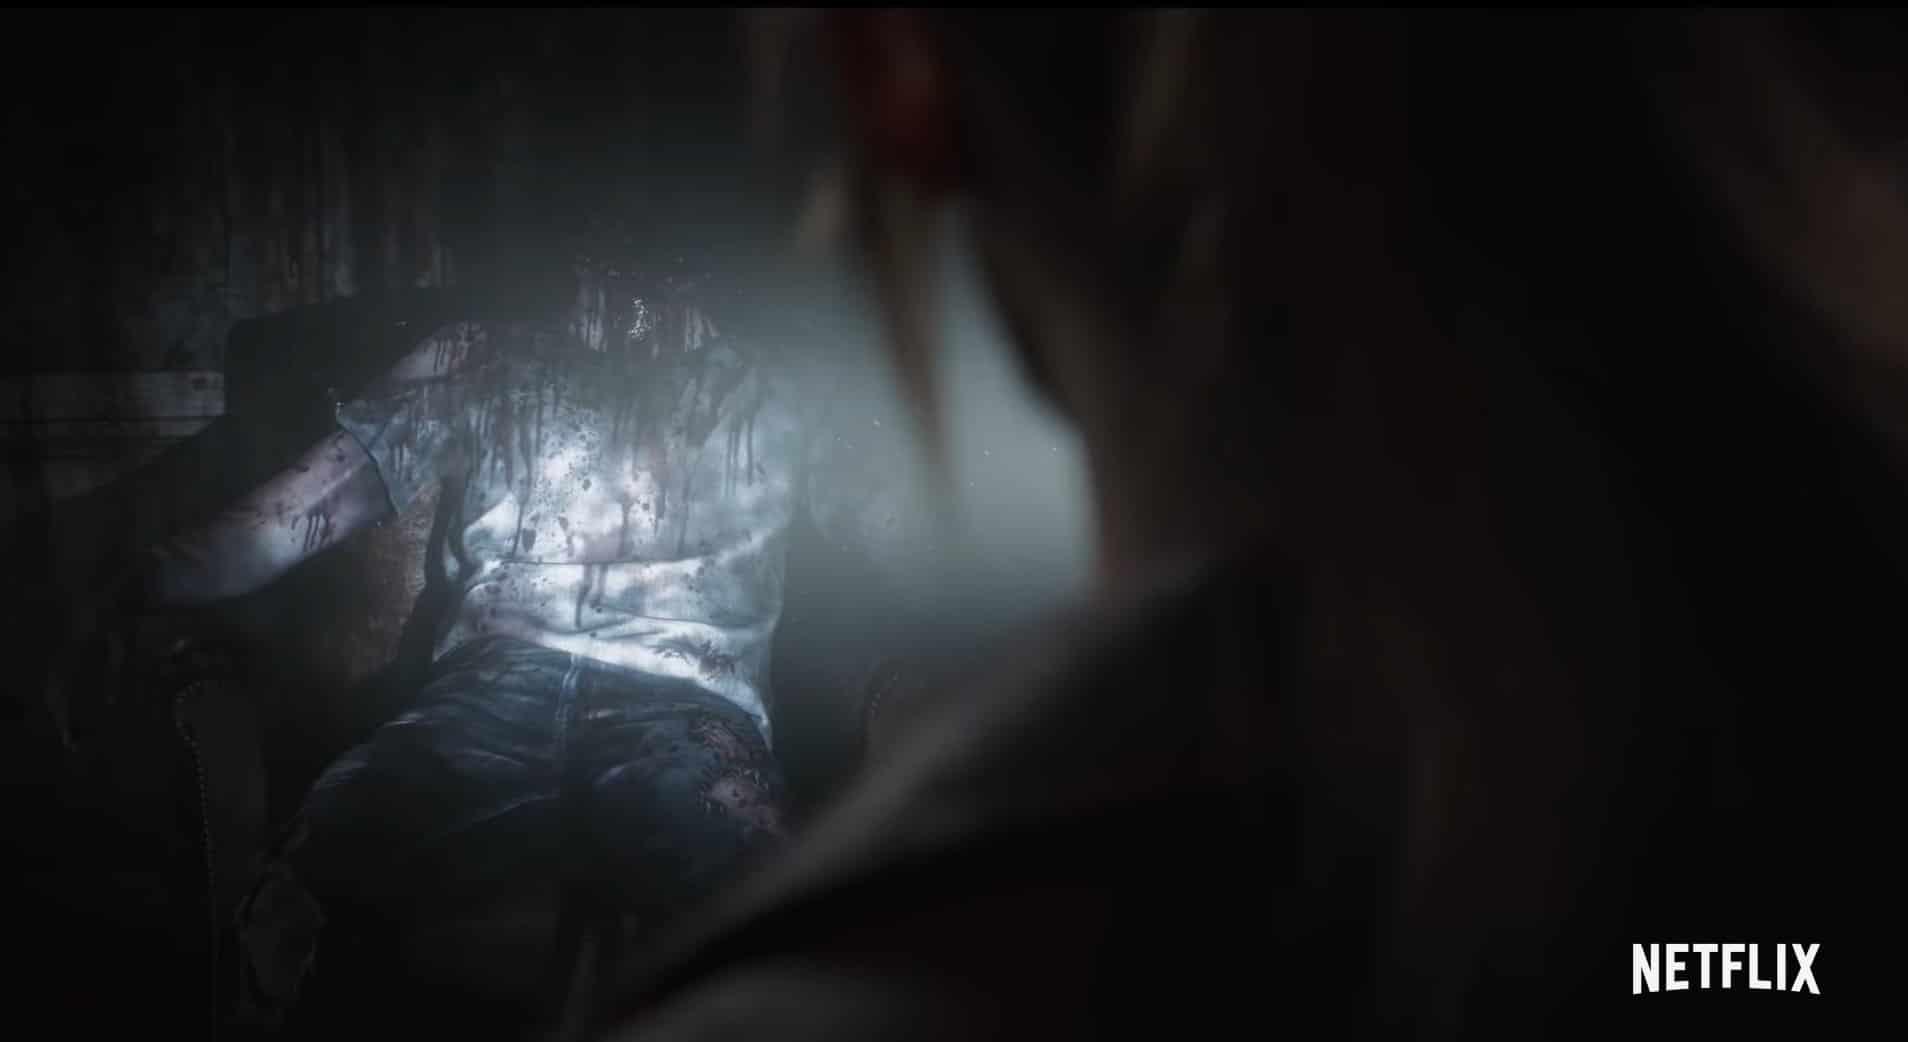 Een onthoofde zombie in de nieuwe Netflix serie Resident Evil: Infinite Darkness